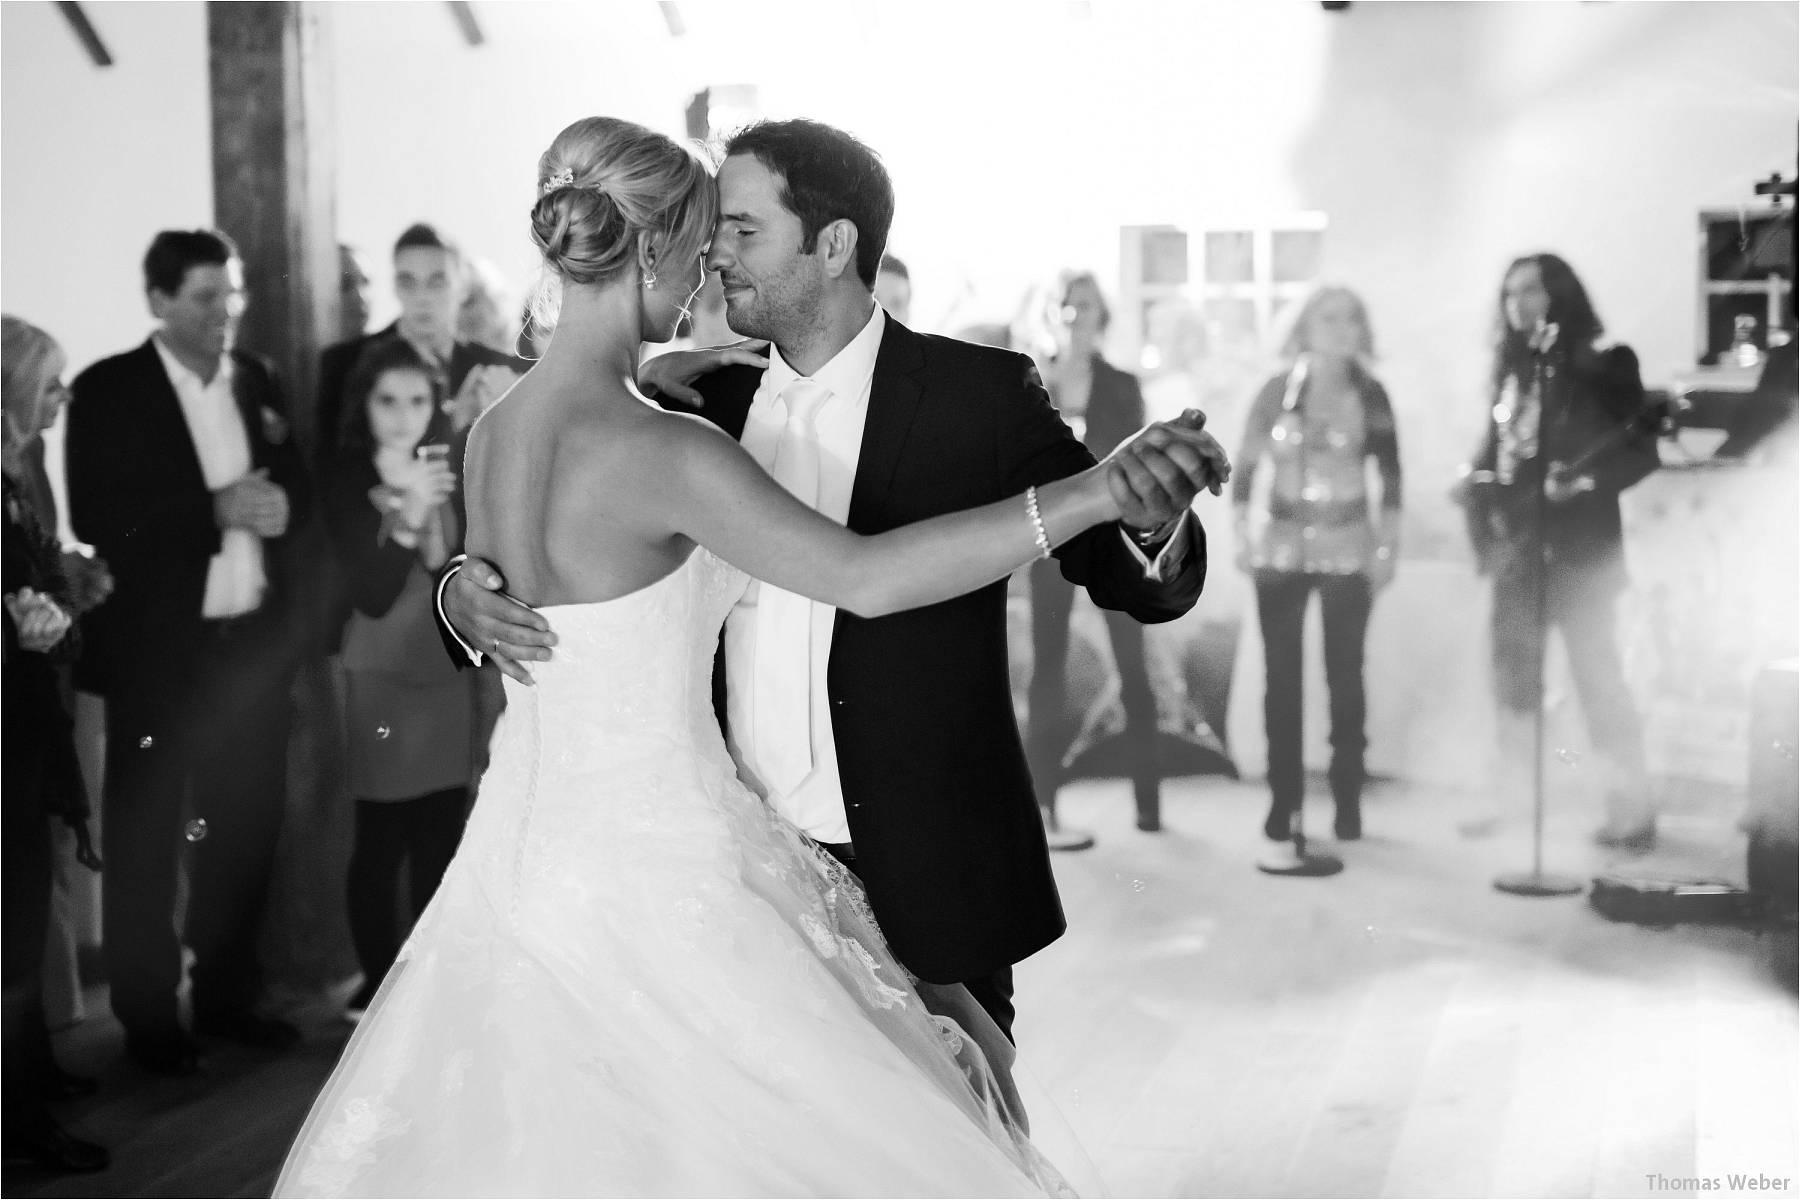 Hochzeitsfotograf Oldenburg: Hochzeit im Zollhaus und in der Eventscheune St. Georg in Rastede (41)